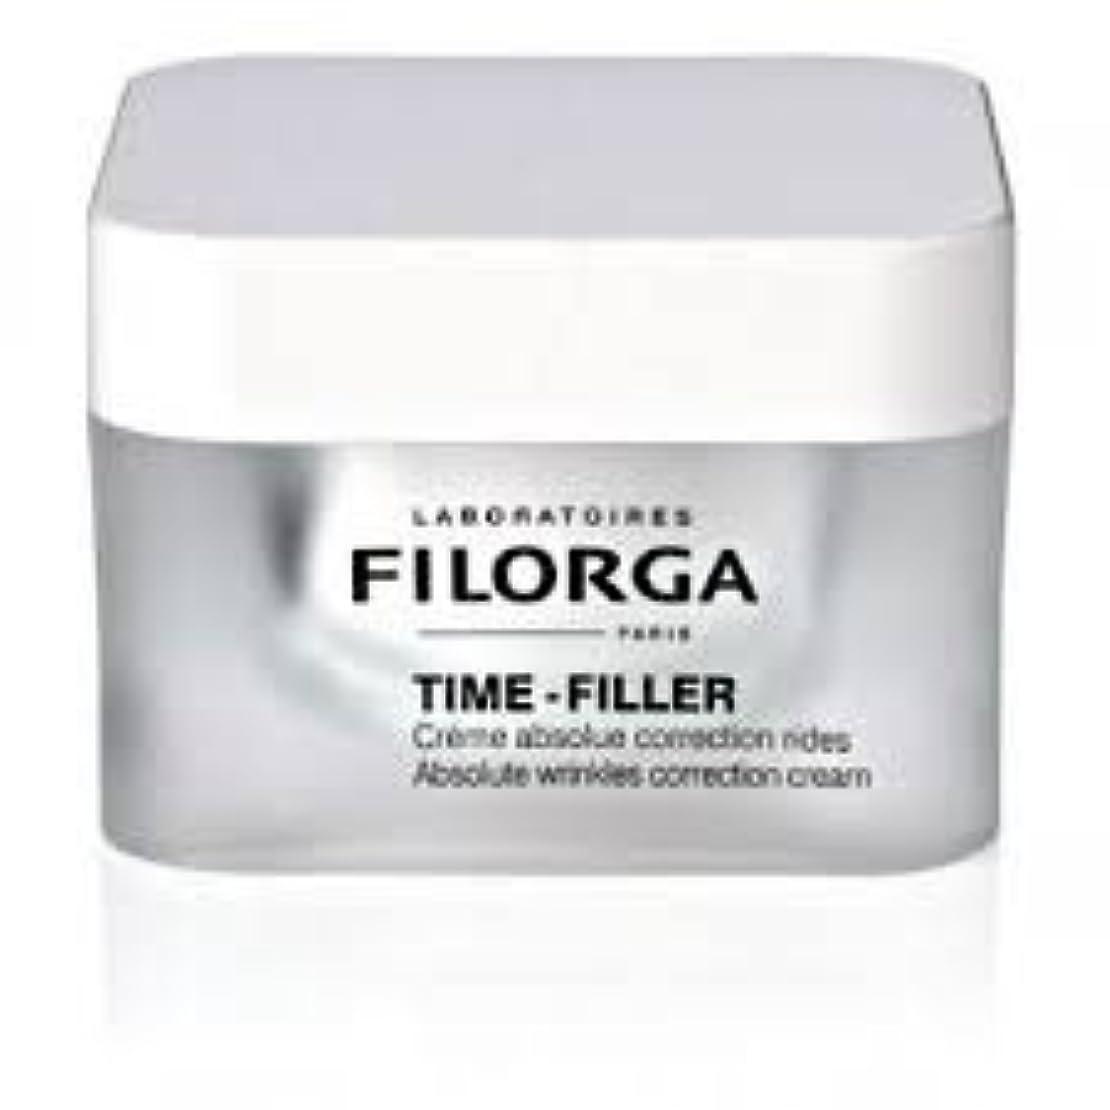 手綱ヤング目に見えるフィロルガ[FILORGA]タイム フィラー 50ML TIME FILLER 50ML [海外直送品] [並行輸入品]